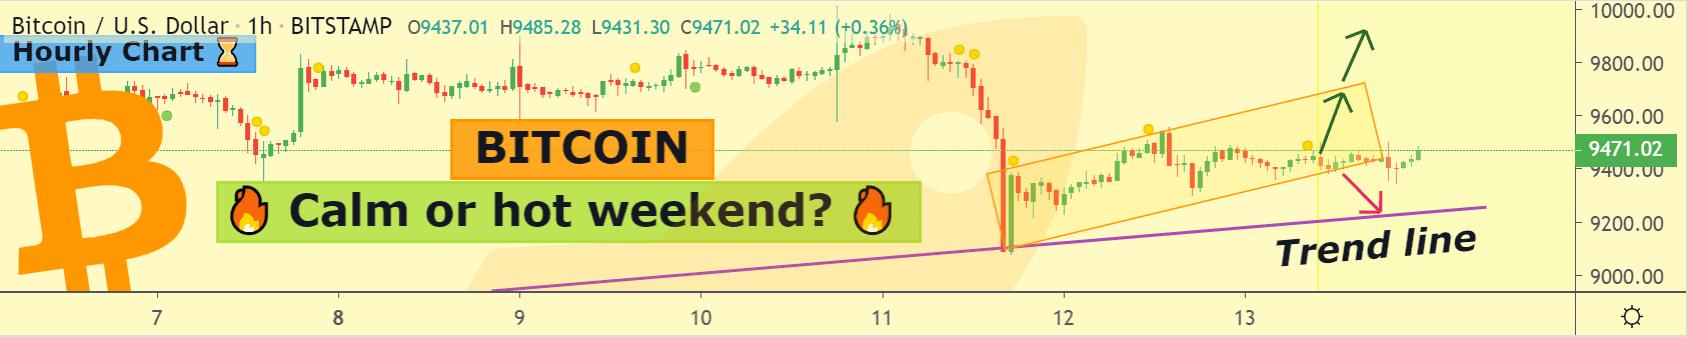 Bitcoin price chart 2 - 13 June